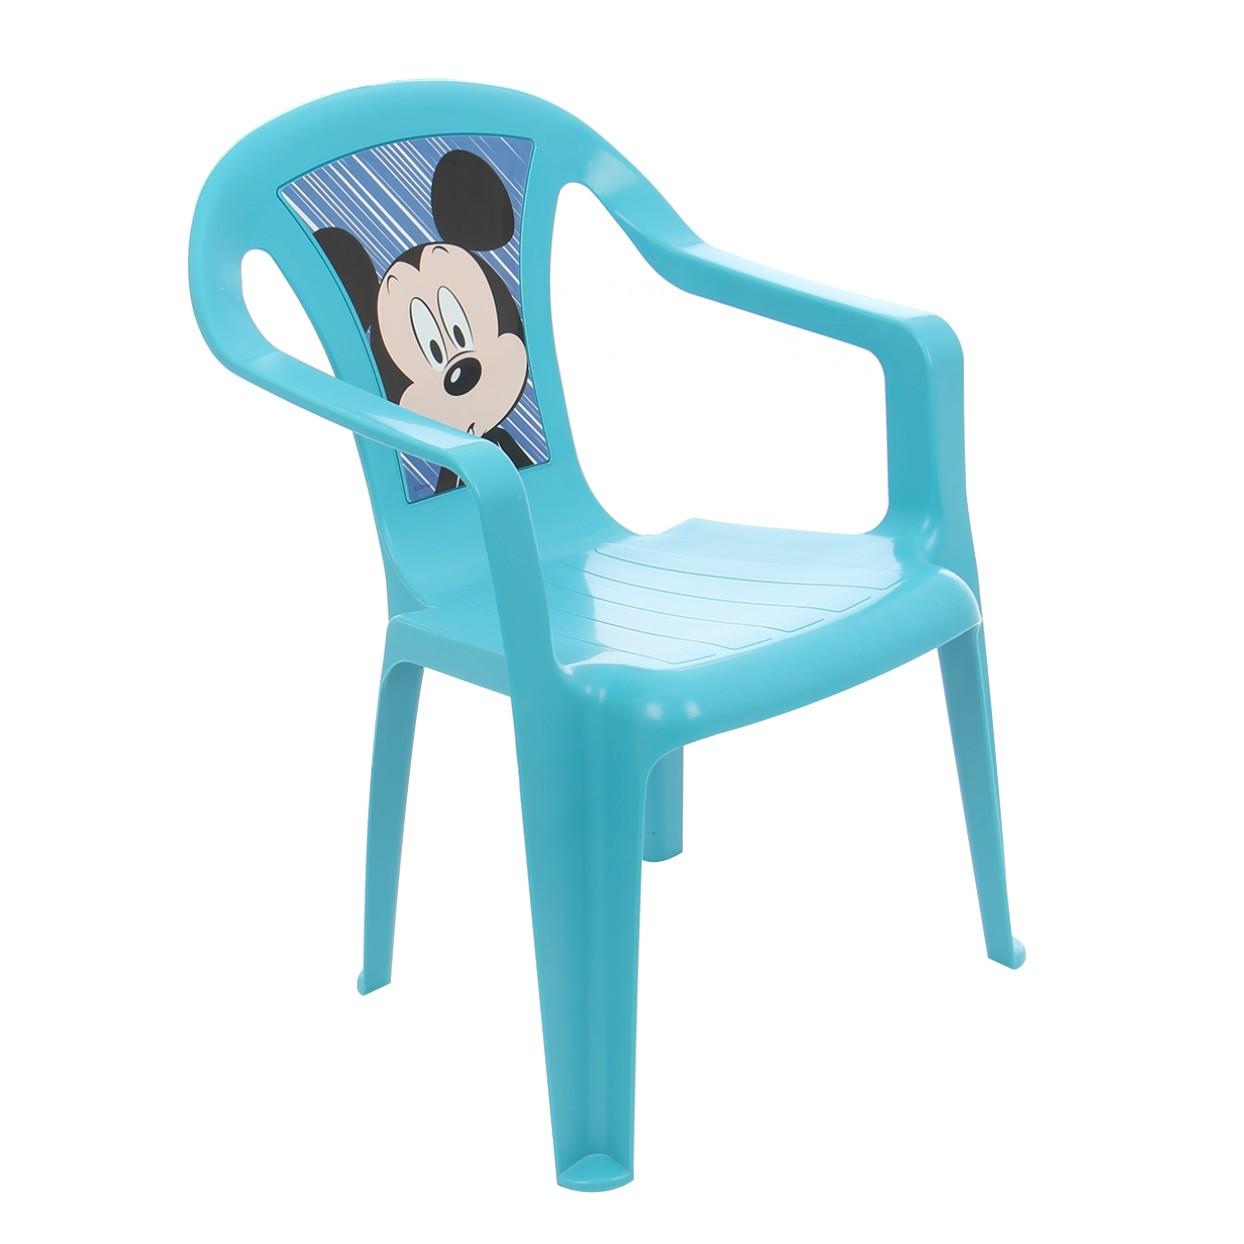 Scaune Din Plastic Pentru Copii.Dedeman Scaun Copii Mickey Bab540mk Pentru Gradina Plastic 38 X